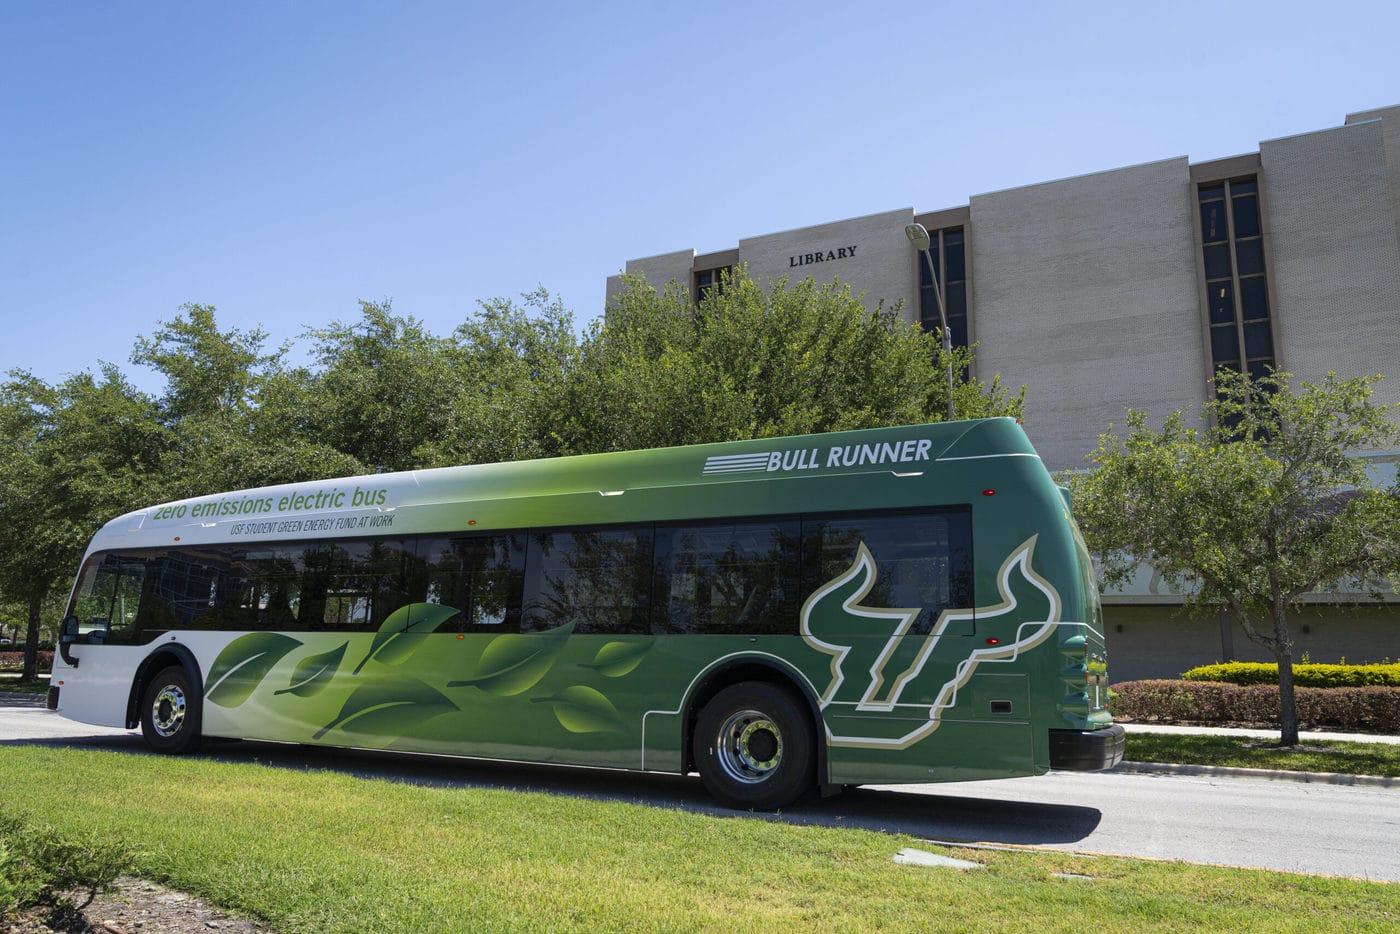 University Of South Florida Transit Bus 5 2021 Scaled